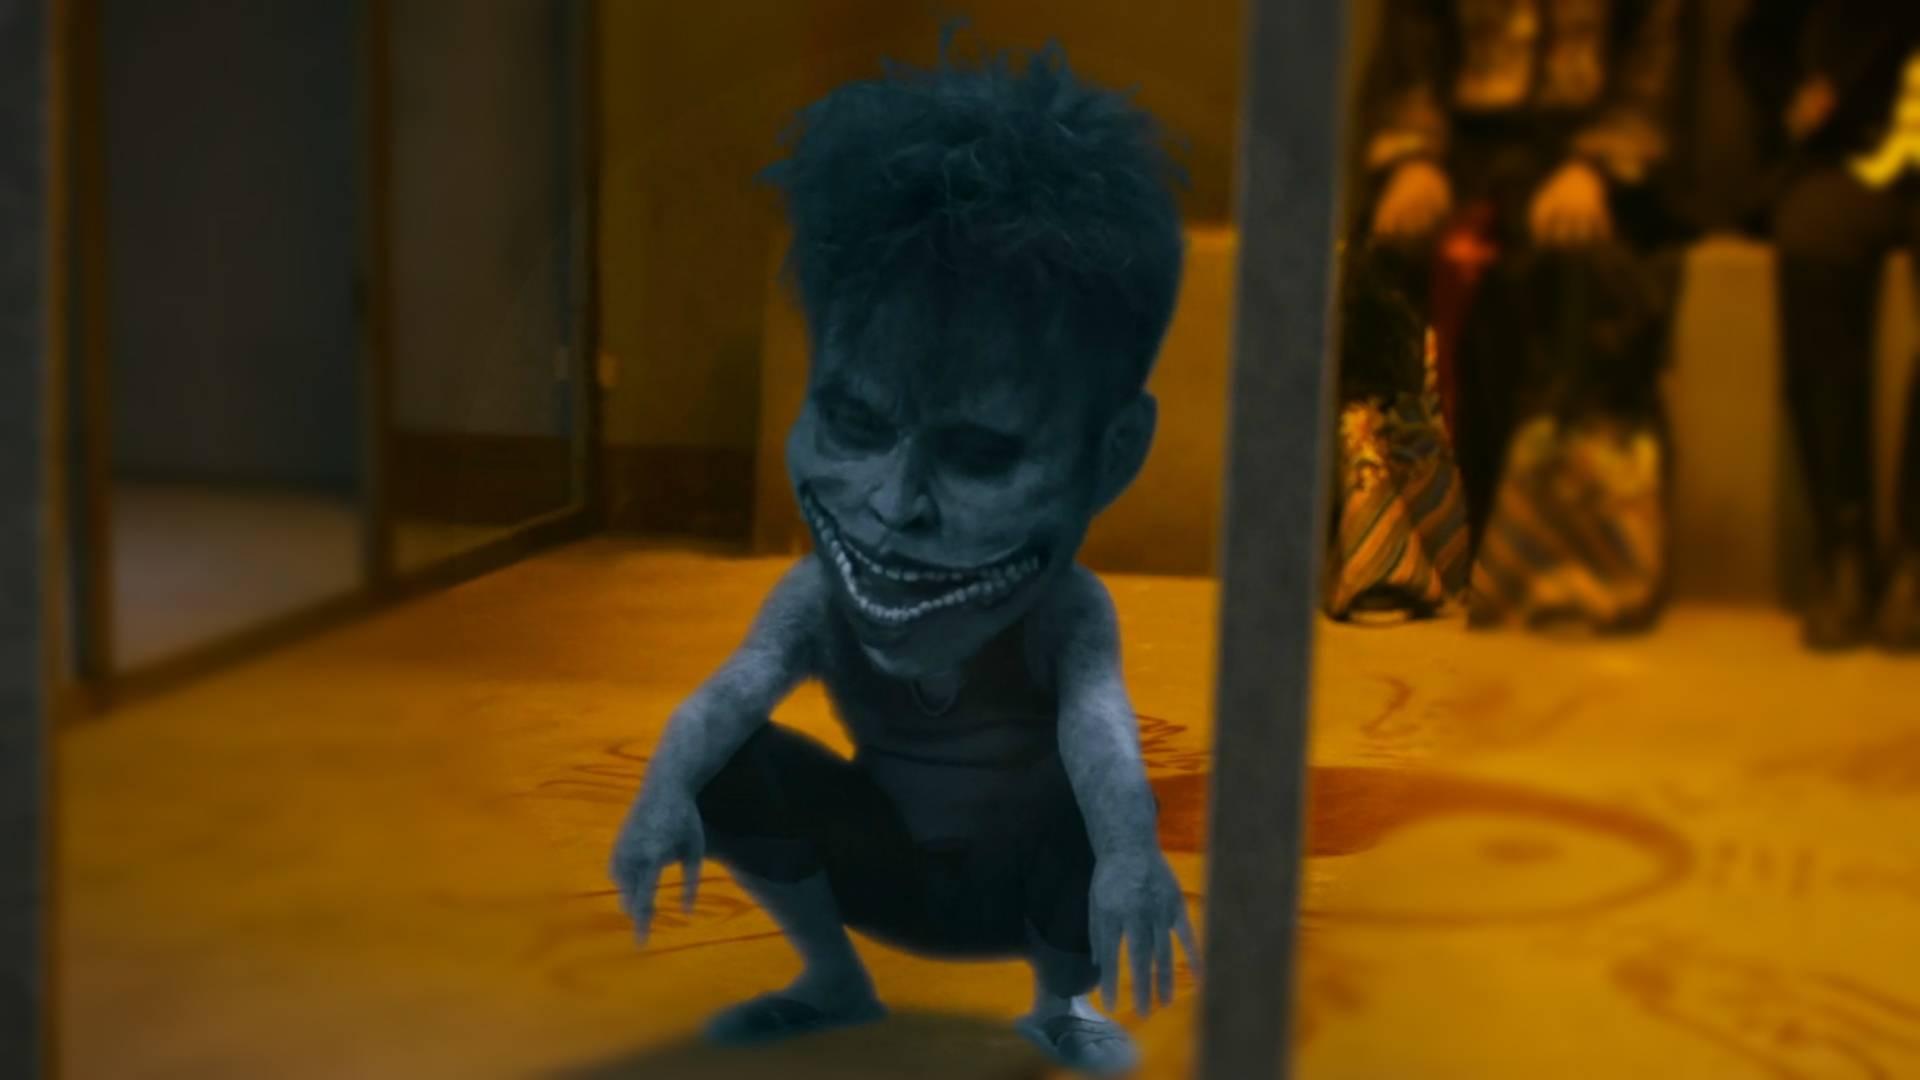 小鬼被冥界警察关进监狱,刑满出狱才能去投胎,一部喜剧奇幻电影